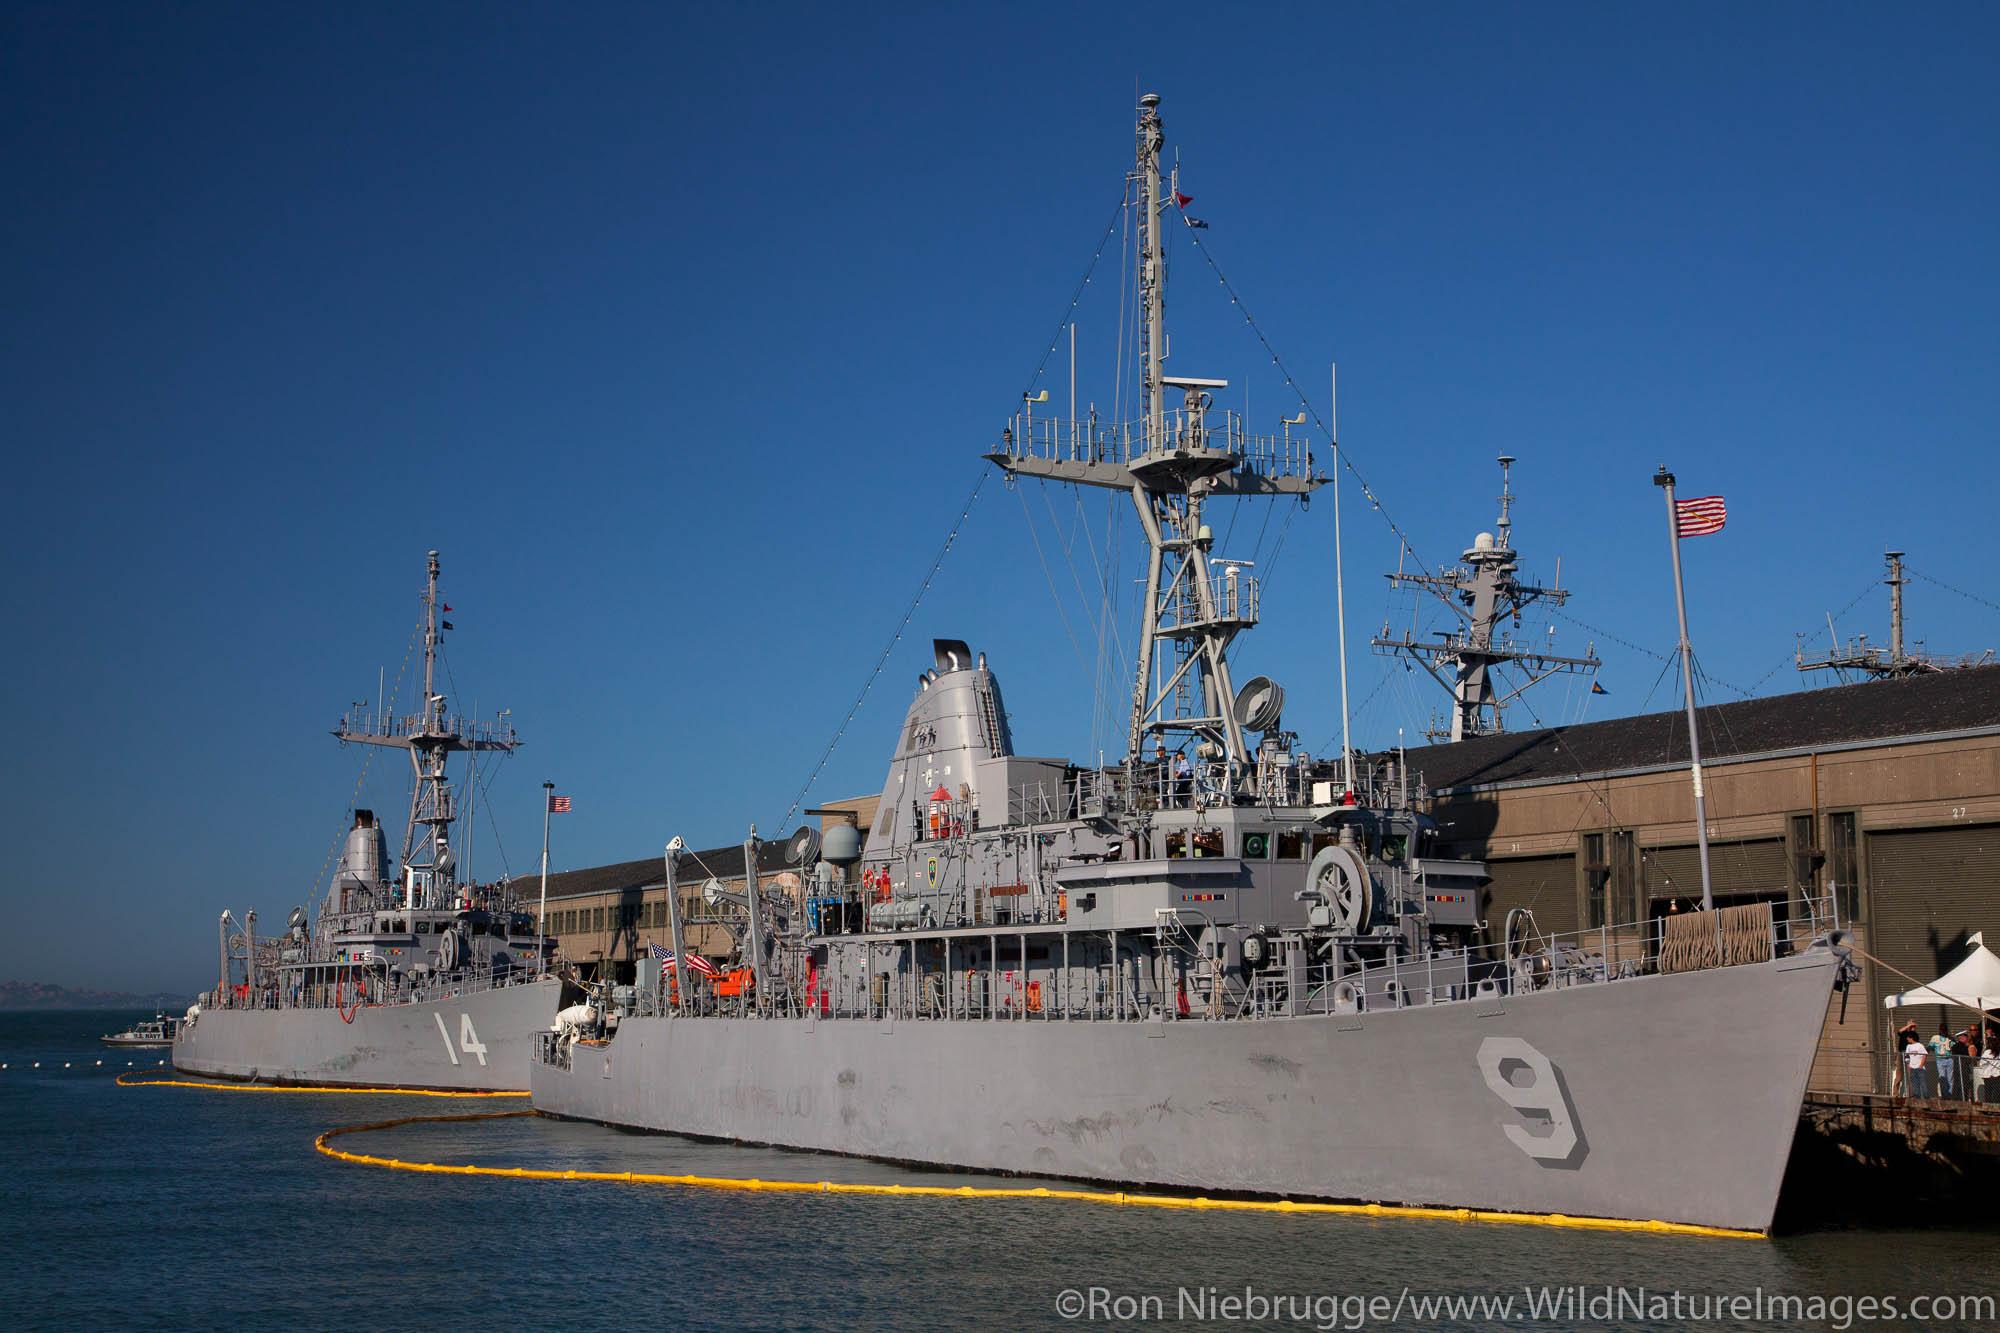 Navy Battleships along the Embarcadero, Fisherman's Wharf, San Francisco, CA